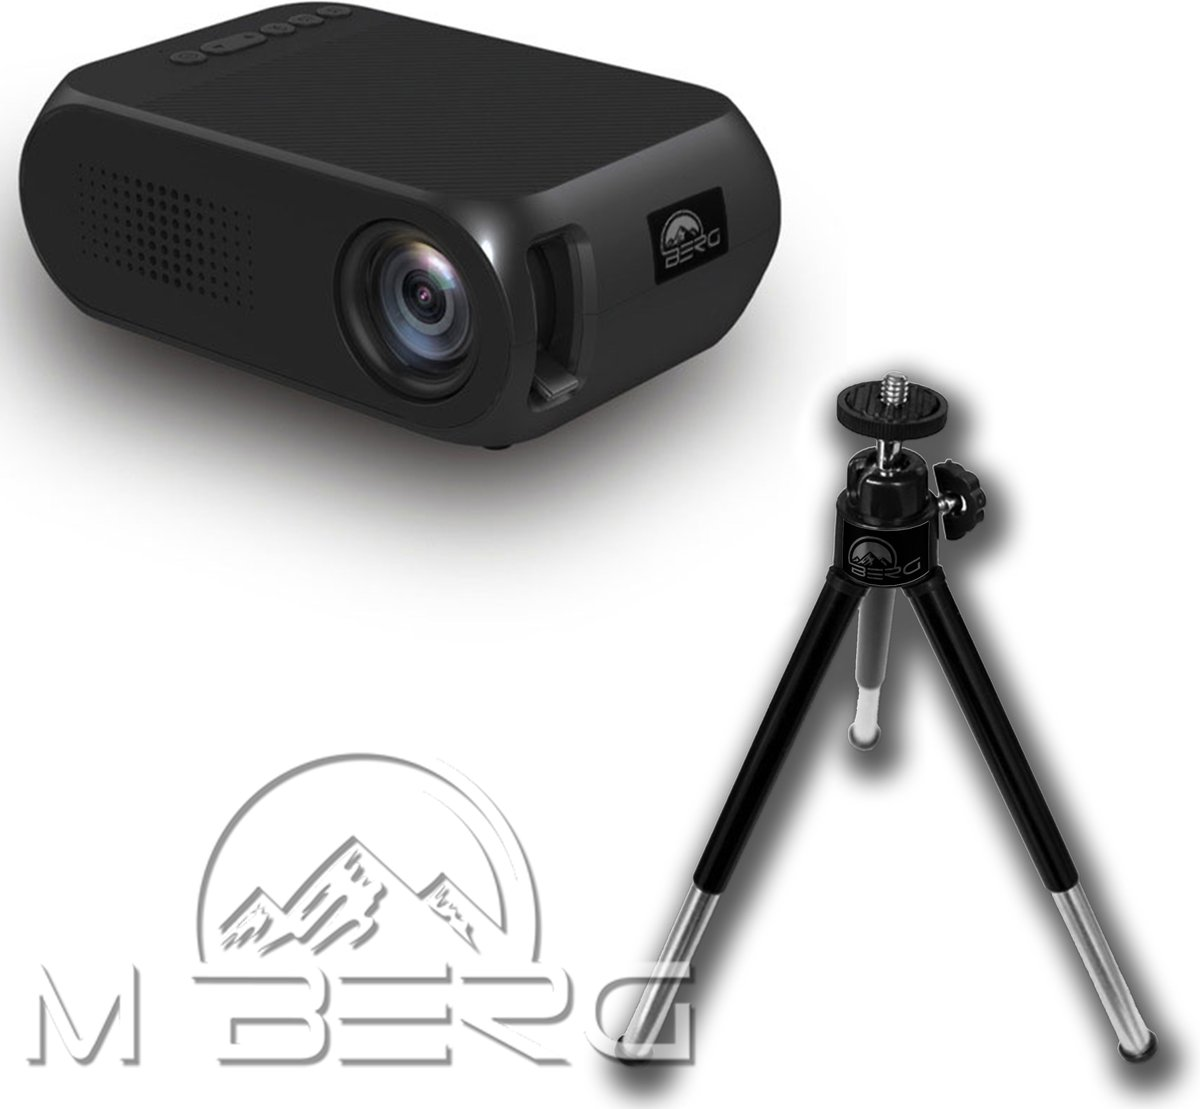 Mini Beamer-Projector (inclusief statief) kopen